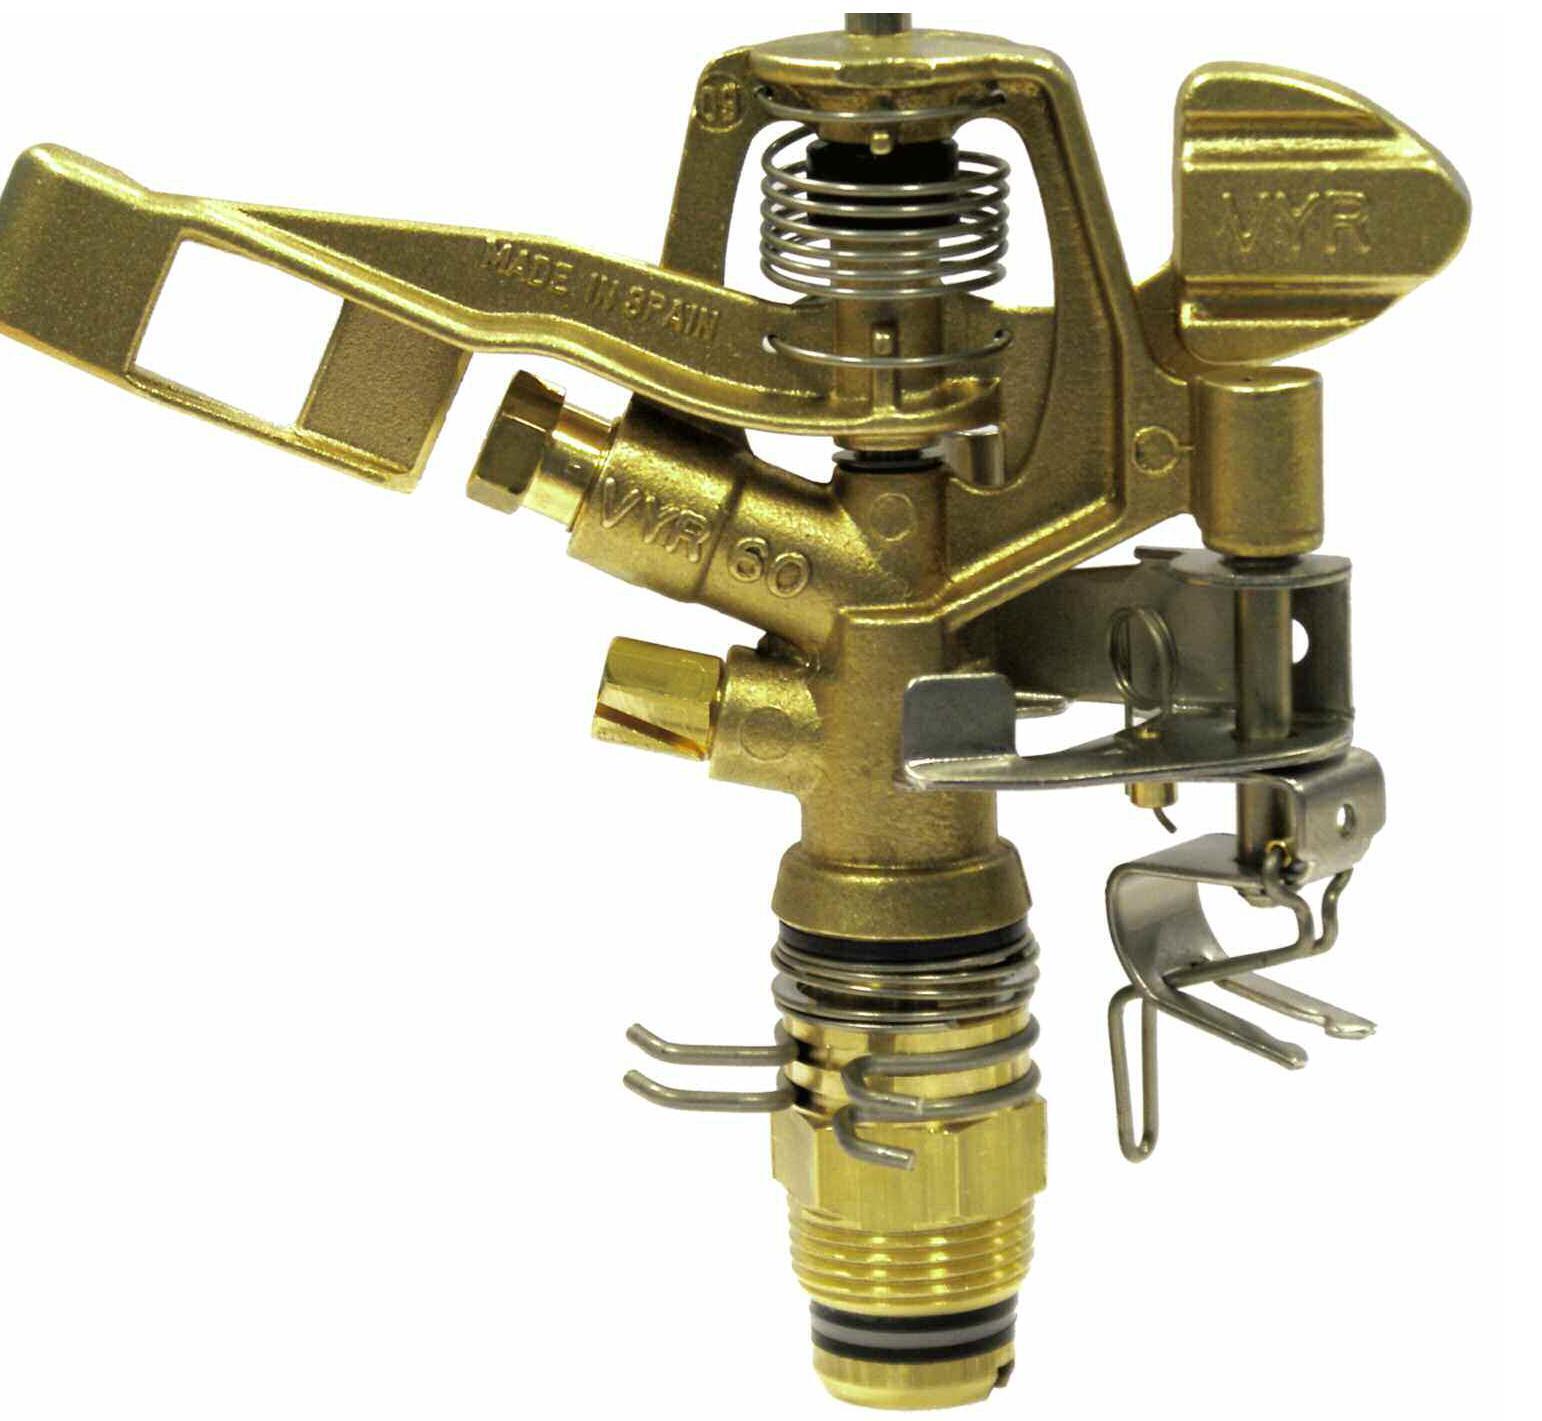 Schwinghebelregner 3 4  AG Teil- und Vollkreismodell auf Erdspieß VYRSA VYR 60 | Creative  | Nutzen Sie Materialien voll aus  | Garantiere Qualität und Quantität